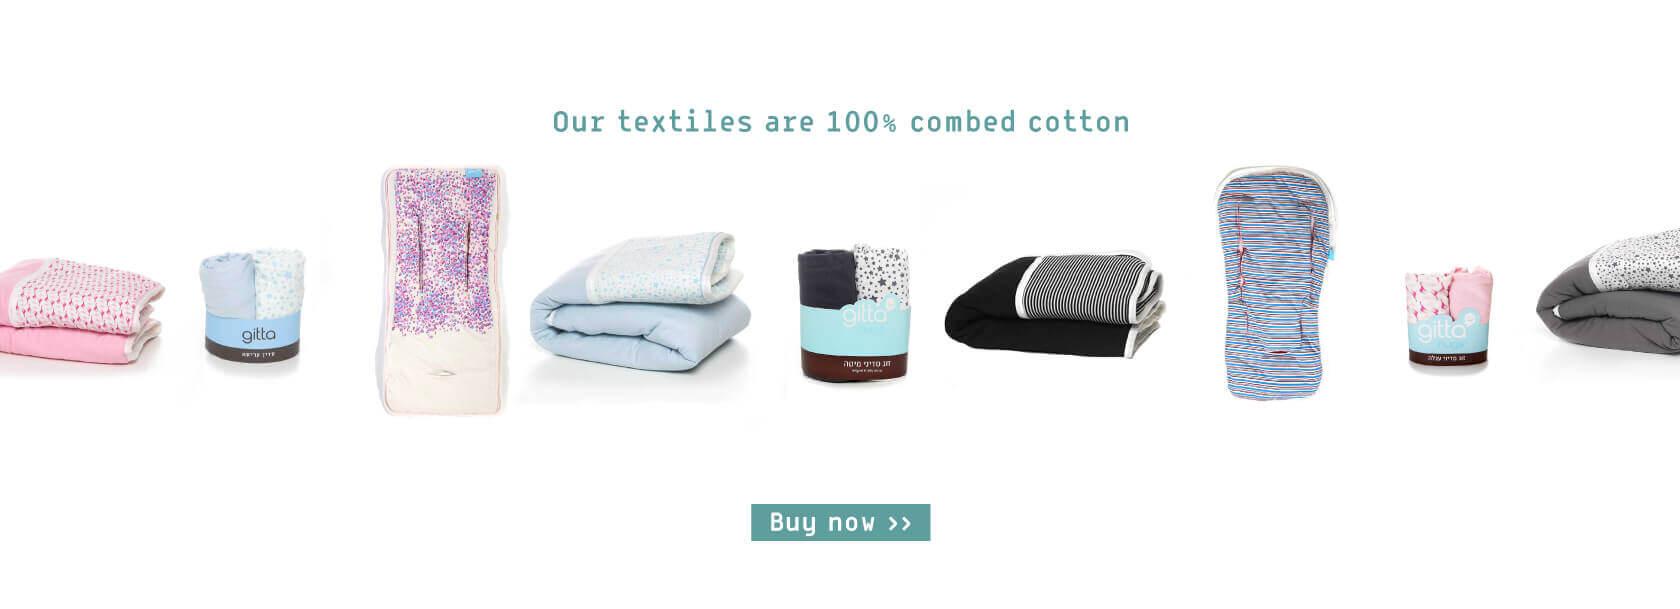 textile-2-plus-1-comp